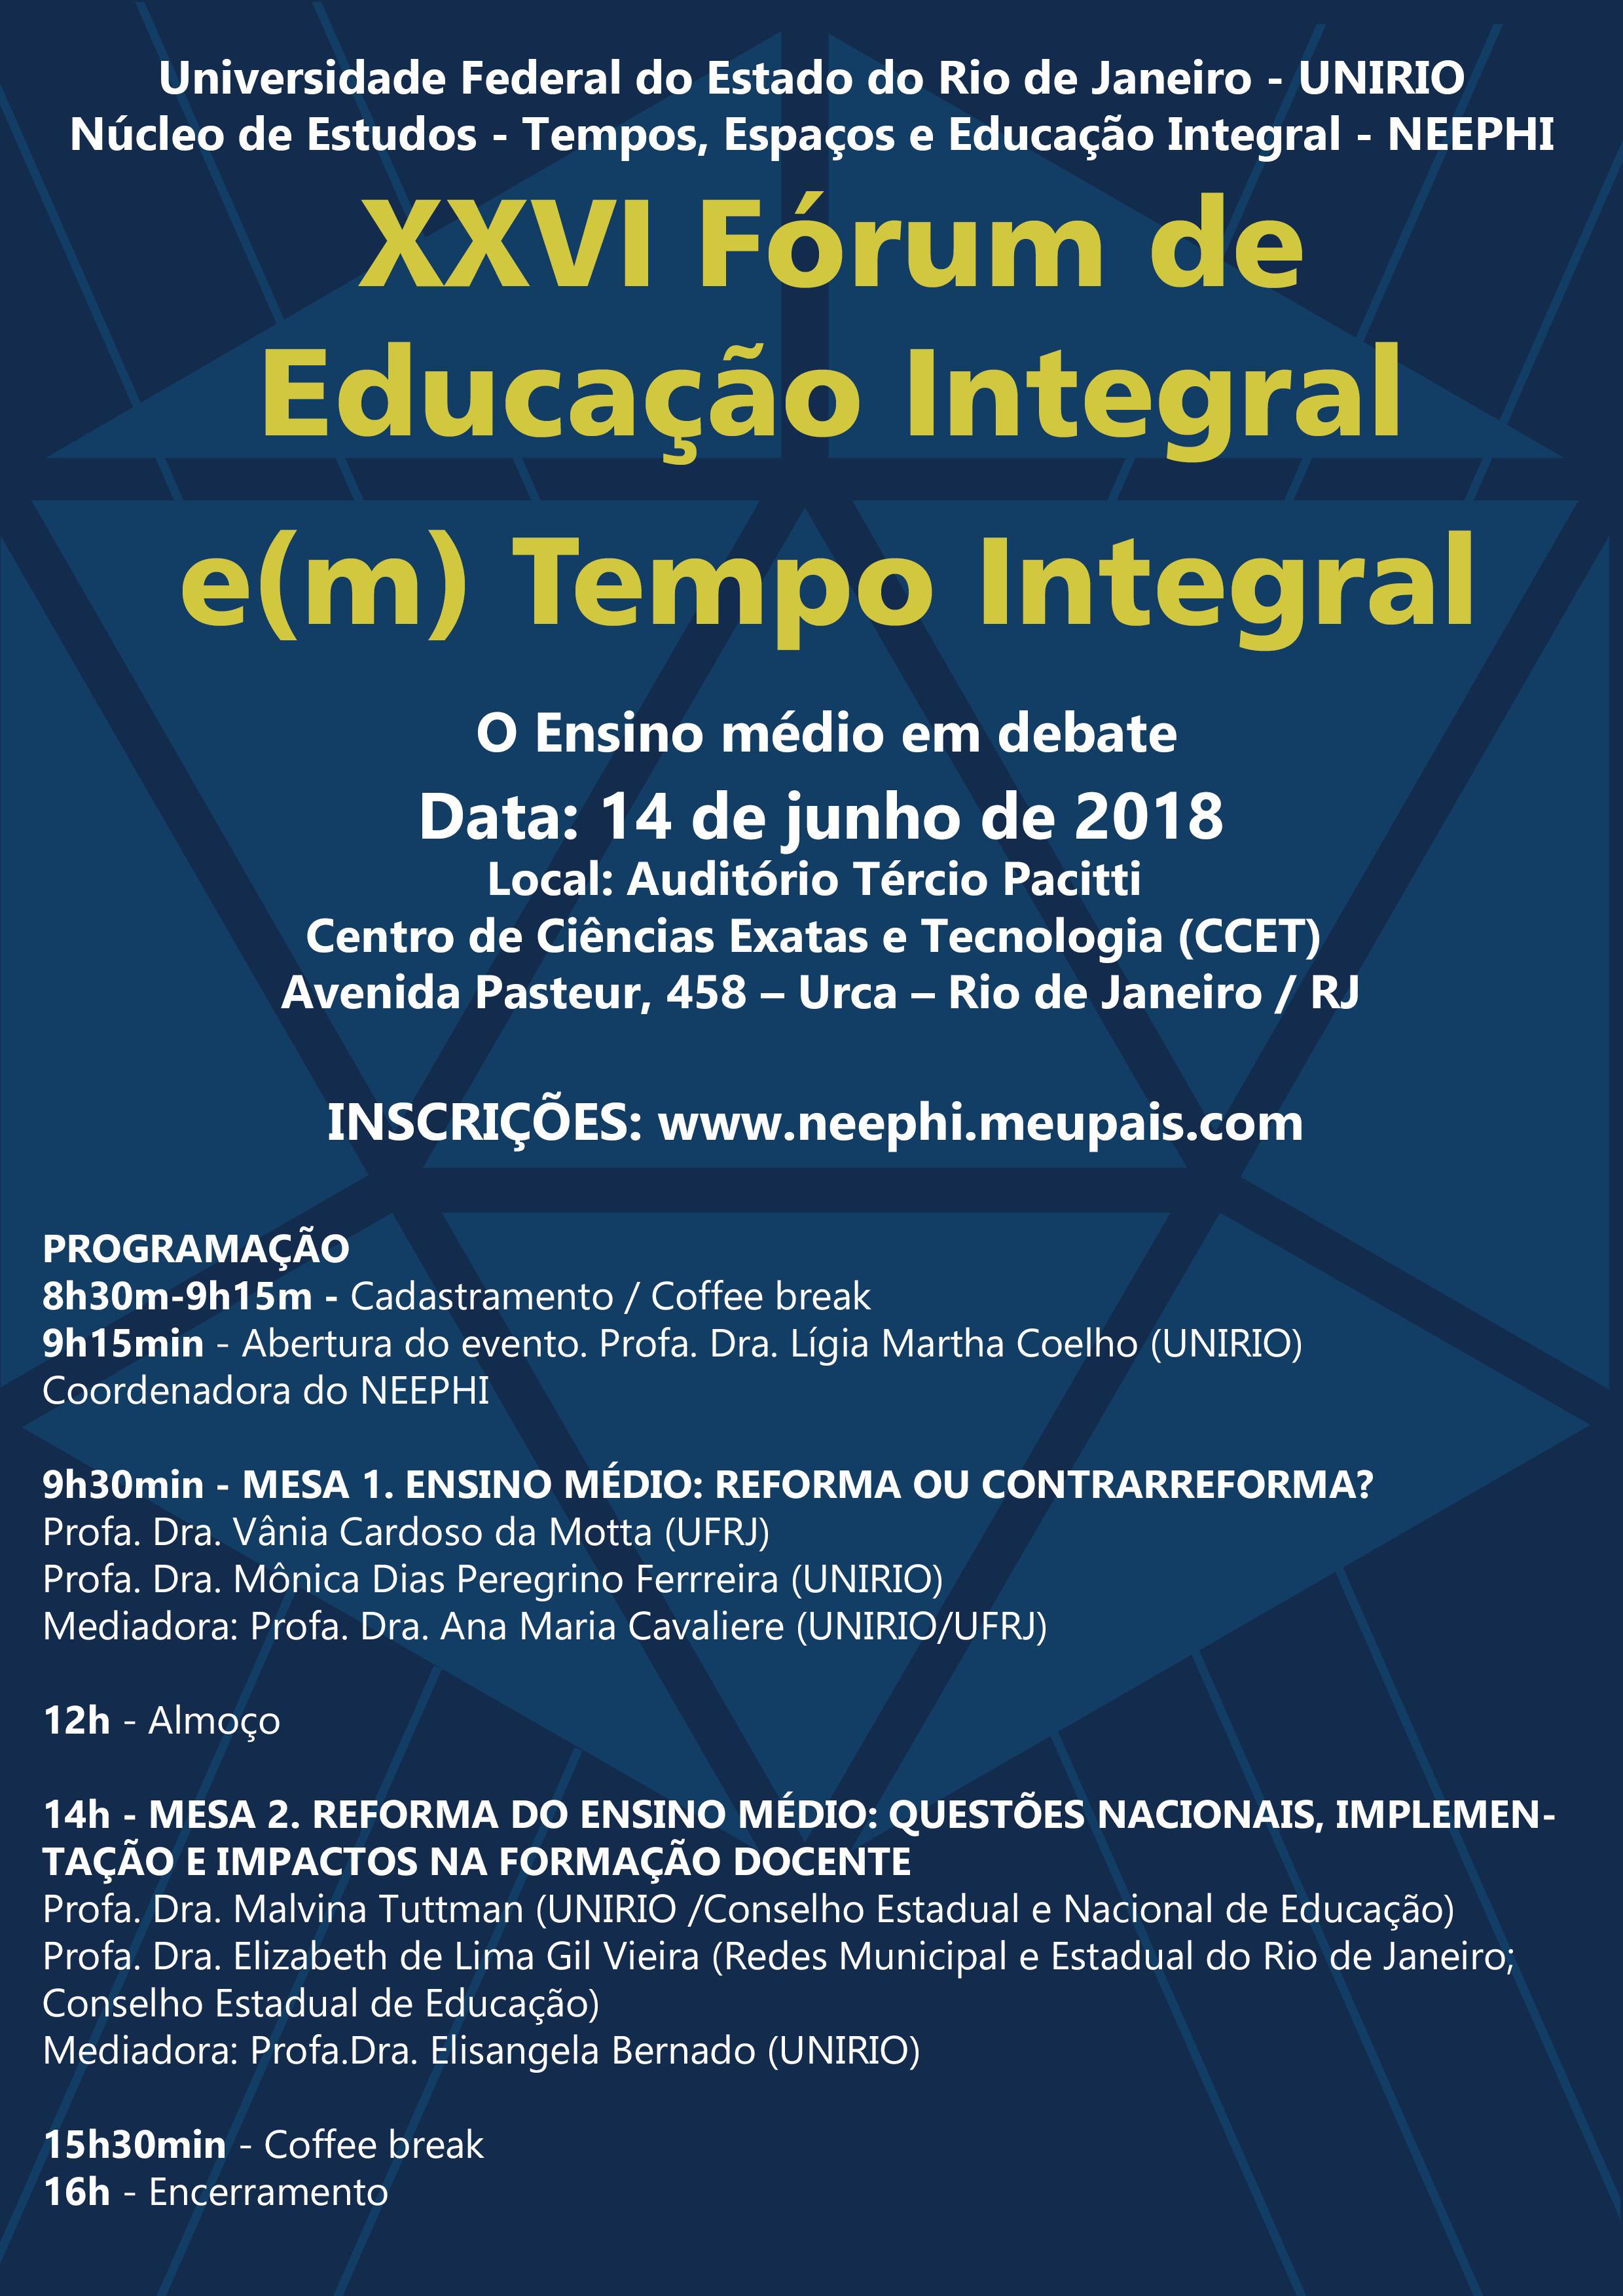 XXVI Fórum de Educação Integral e(m) Tempo Integral